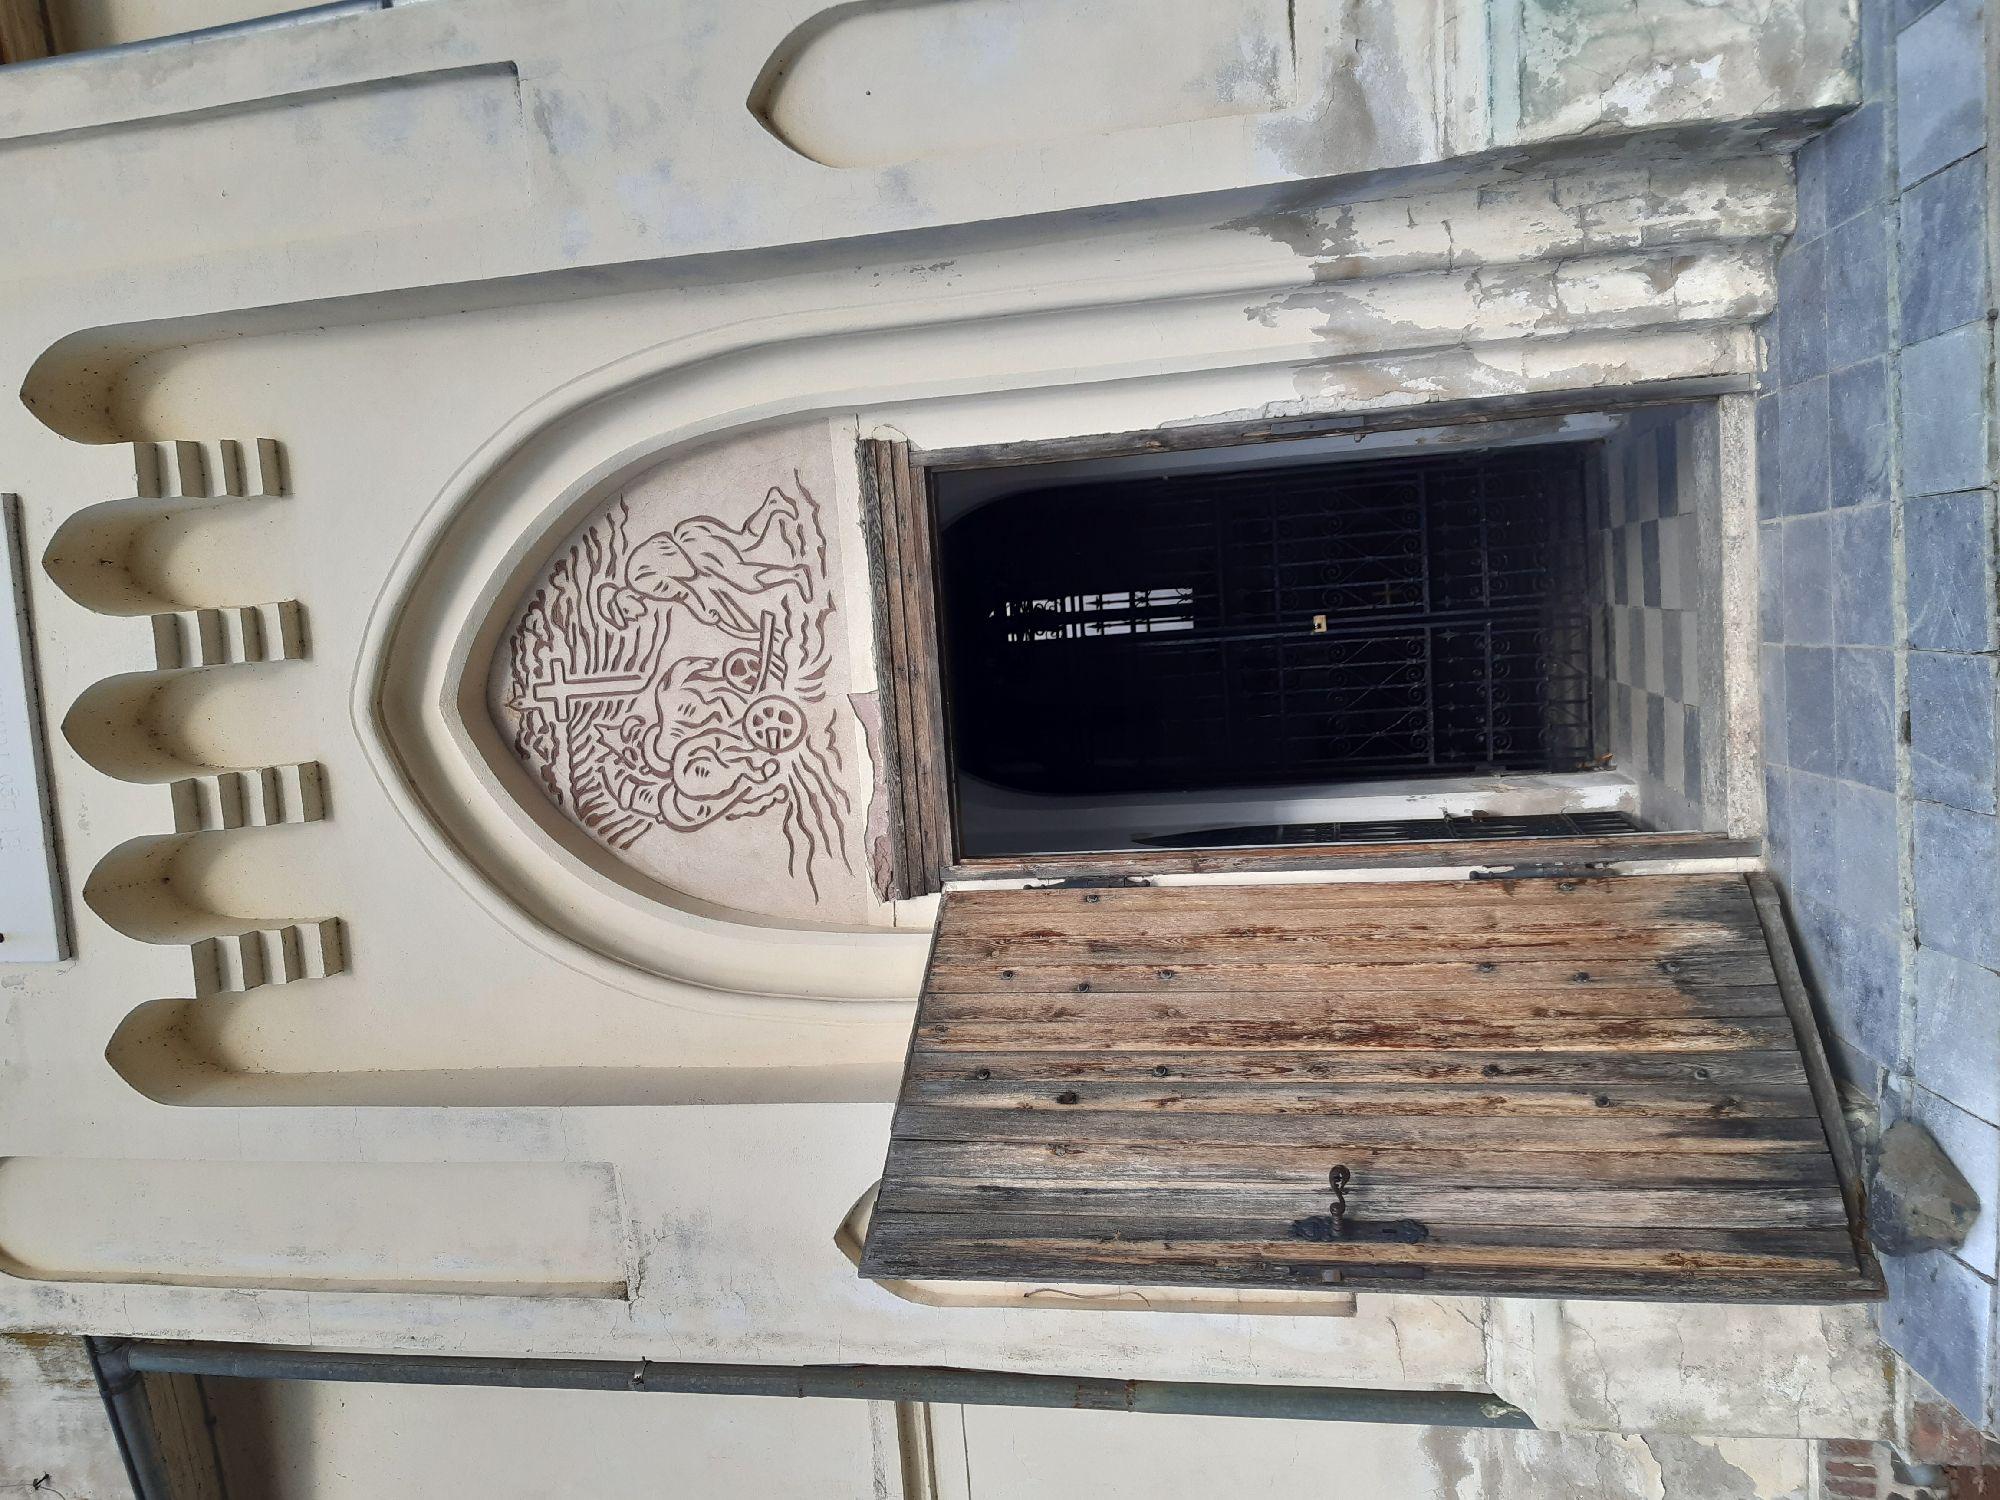 В последнее пусто, но двери гостеприимно открыты. Внутри, правда решётка... всякое, видимо, бывает